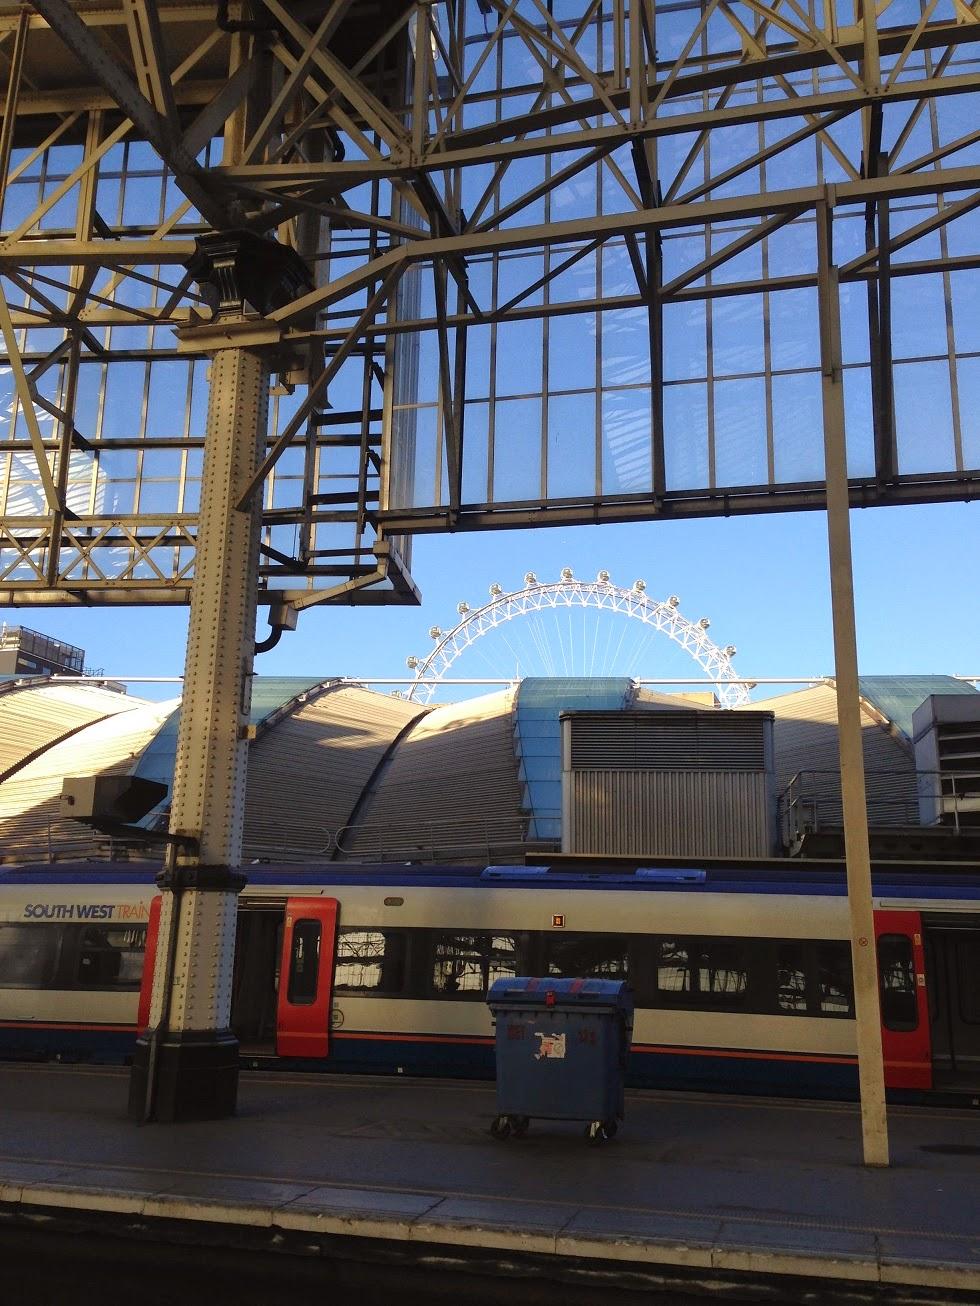 London Eye from Waterloo station, London